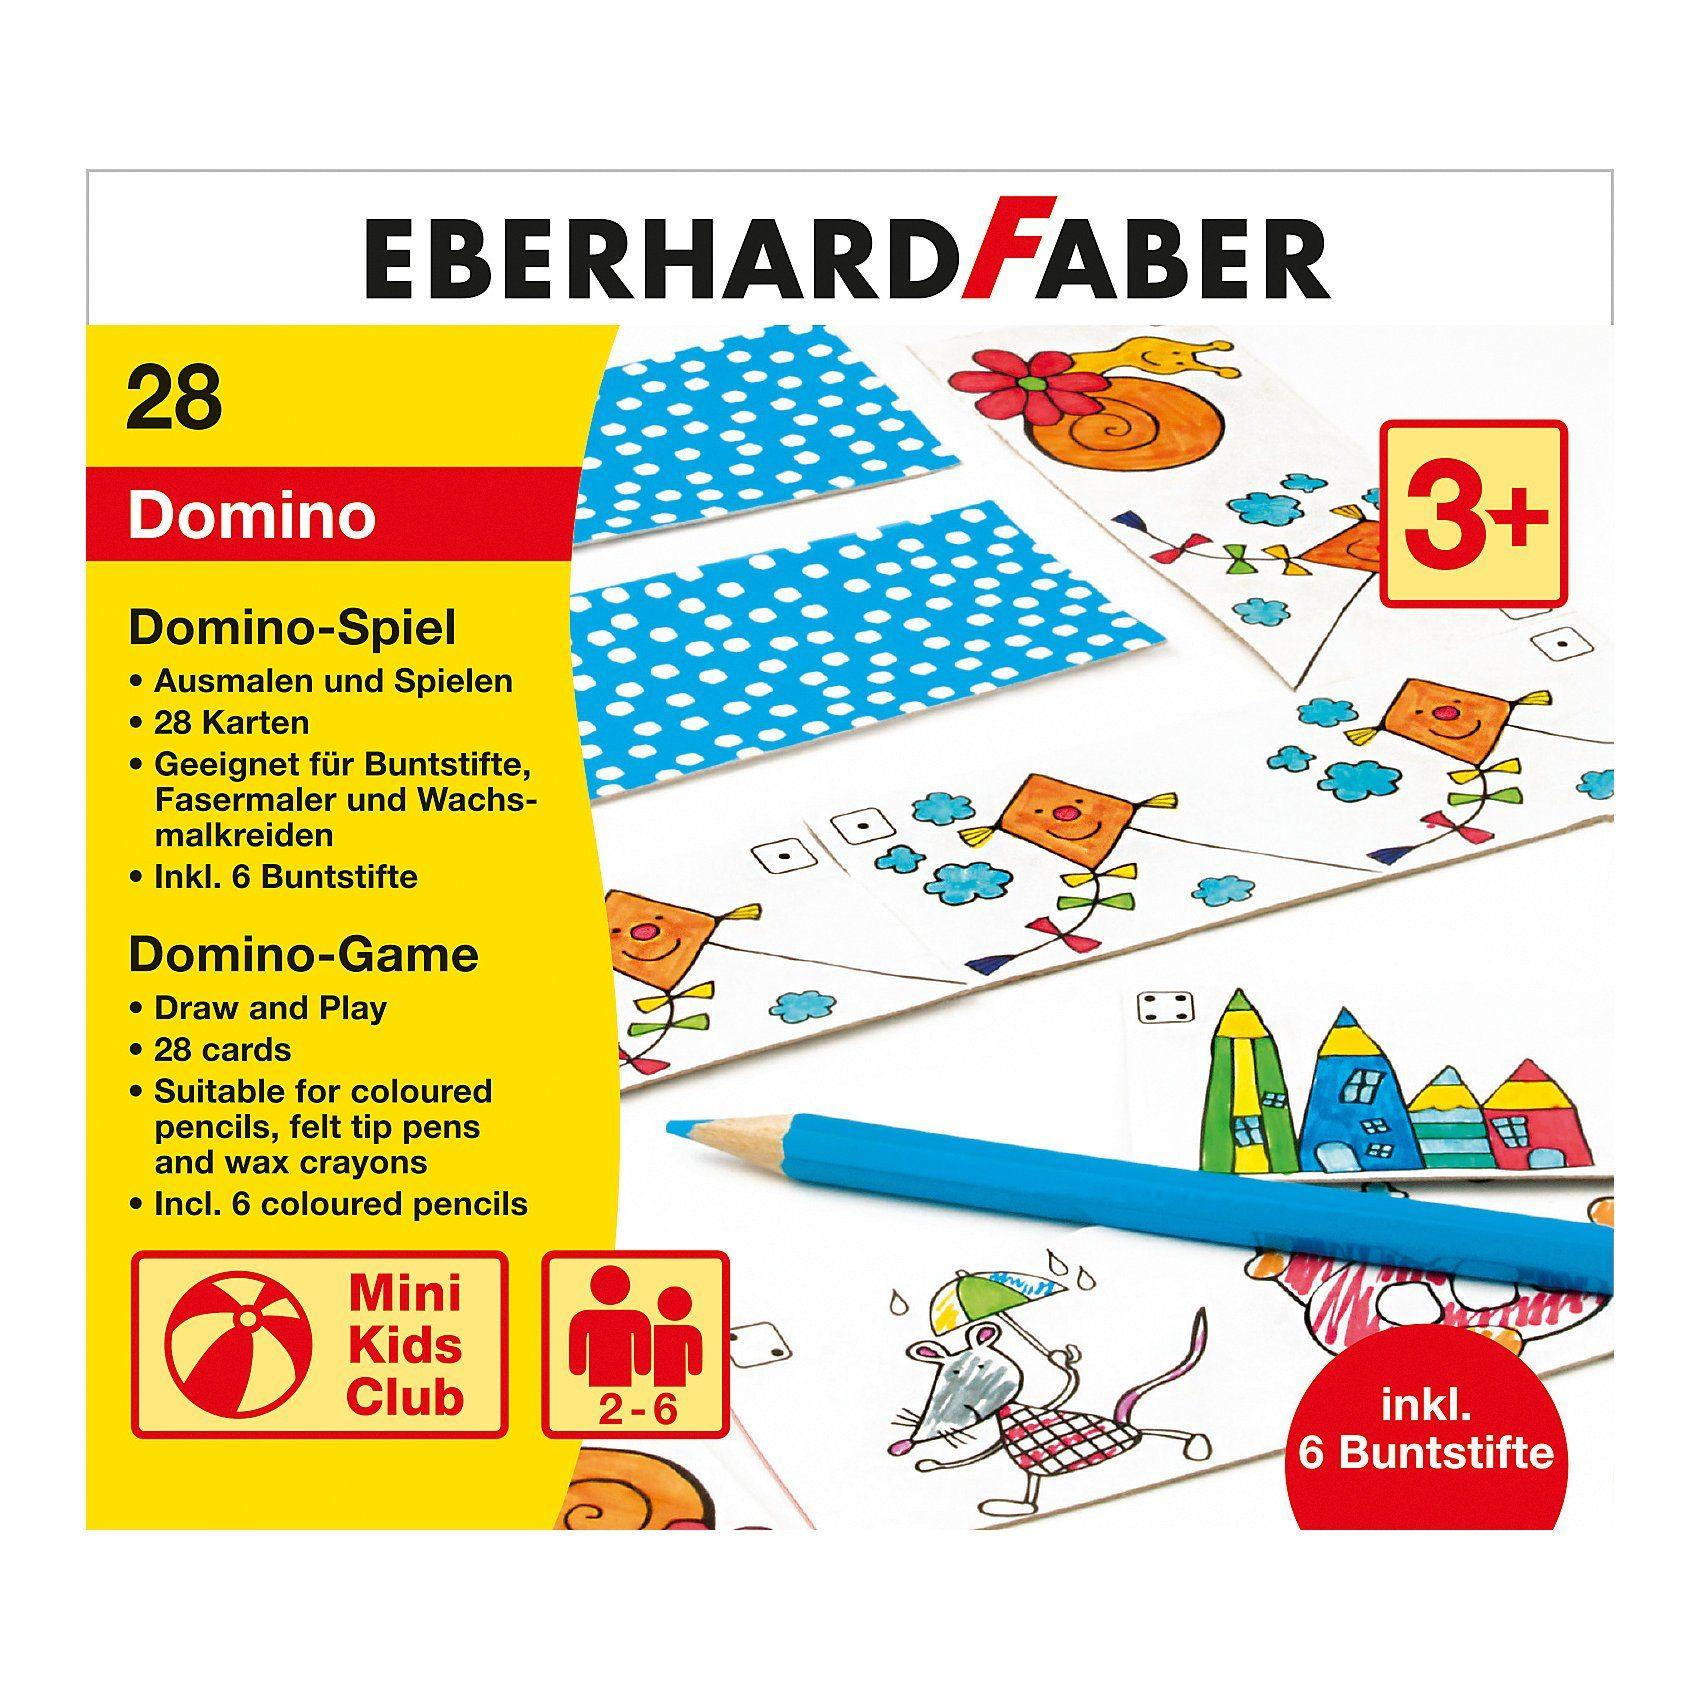 Eberhard Faber Domino Spiel zum Ausmalen, inkl. Buntstifte